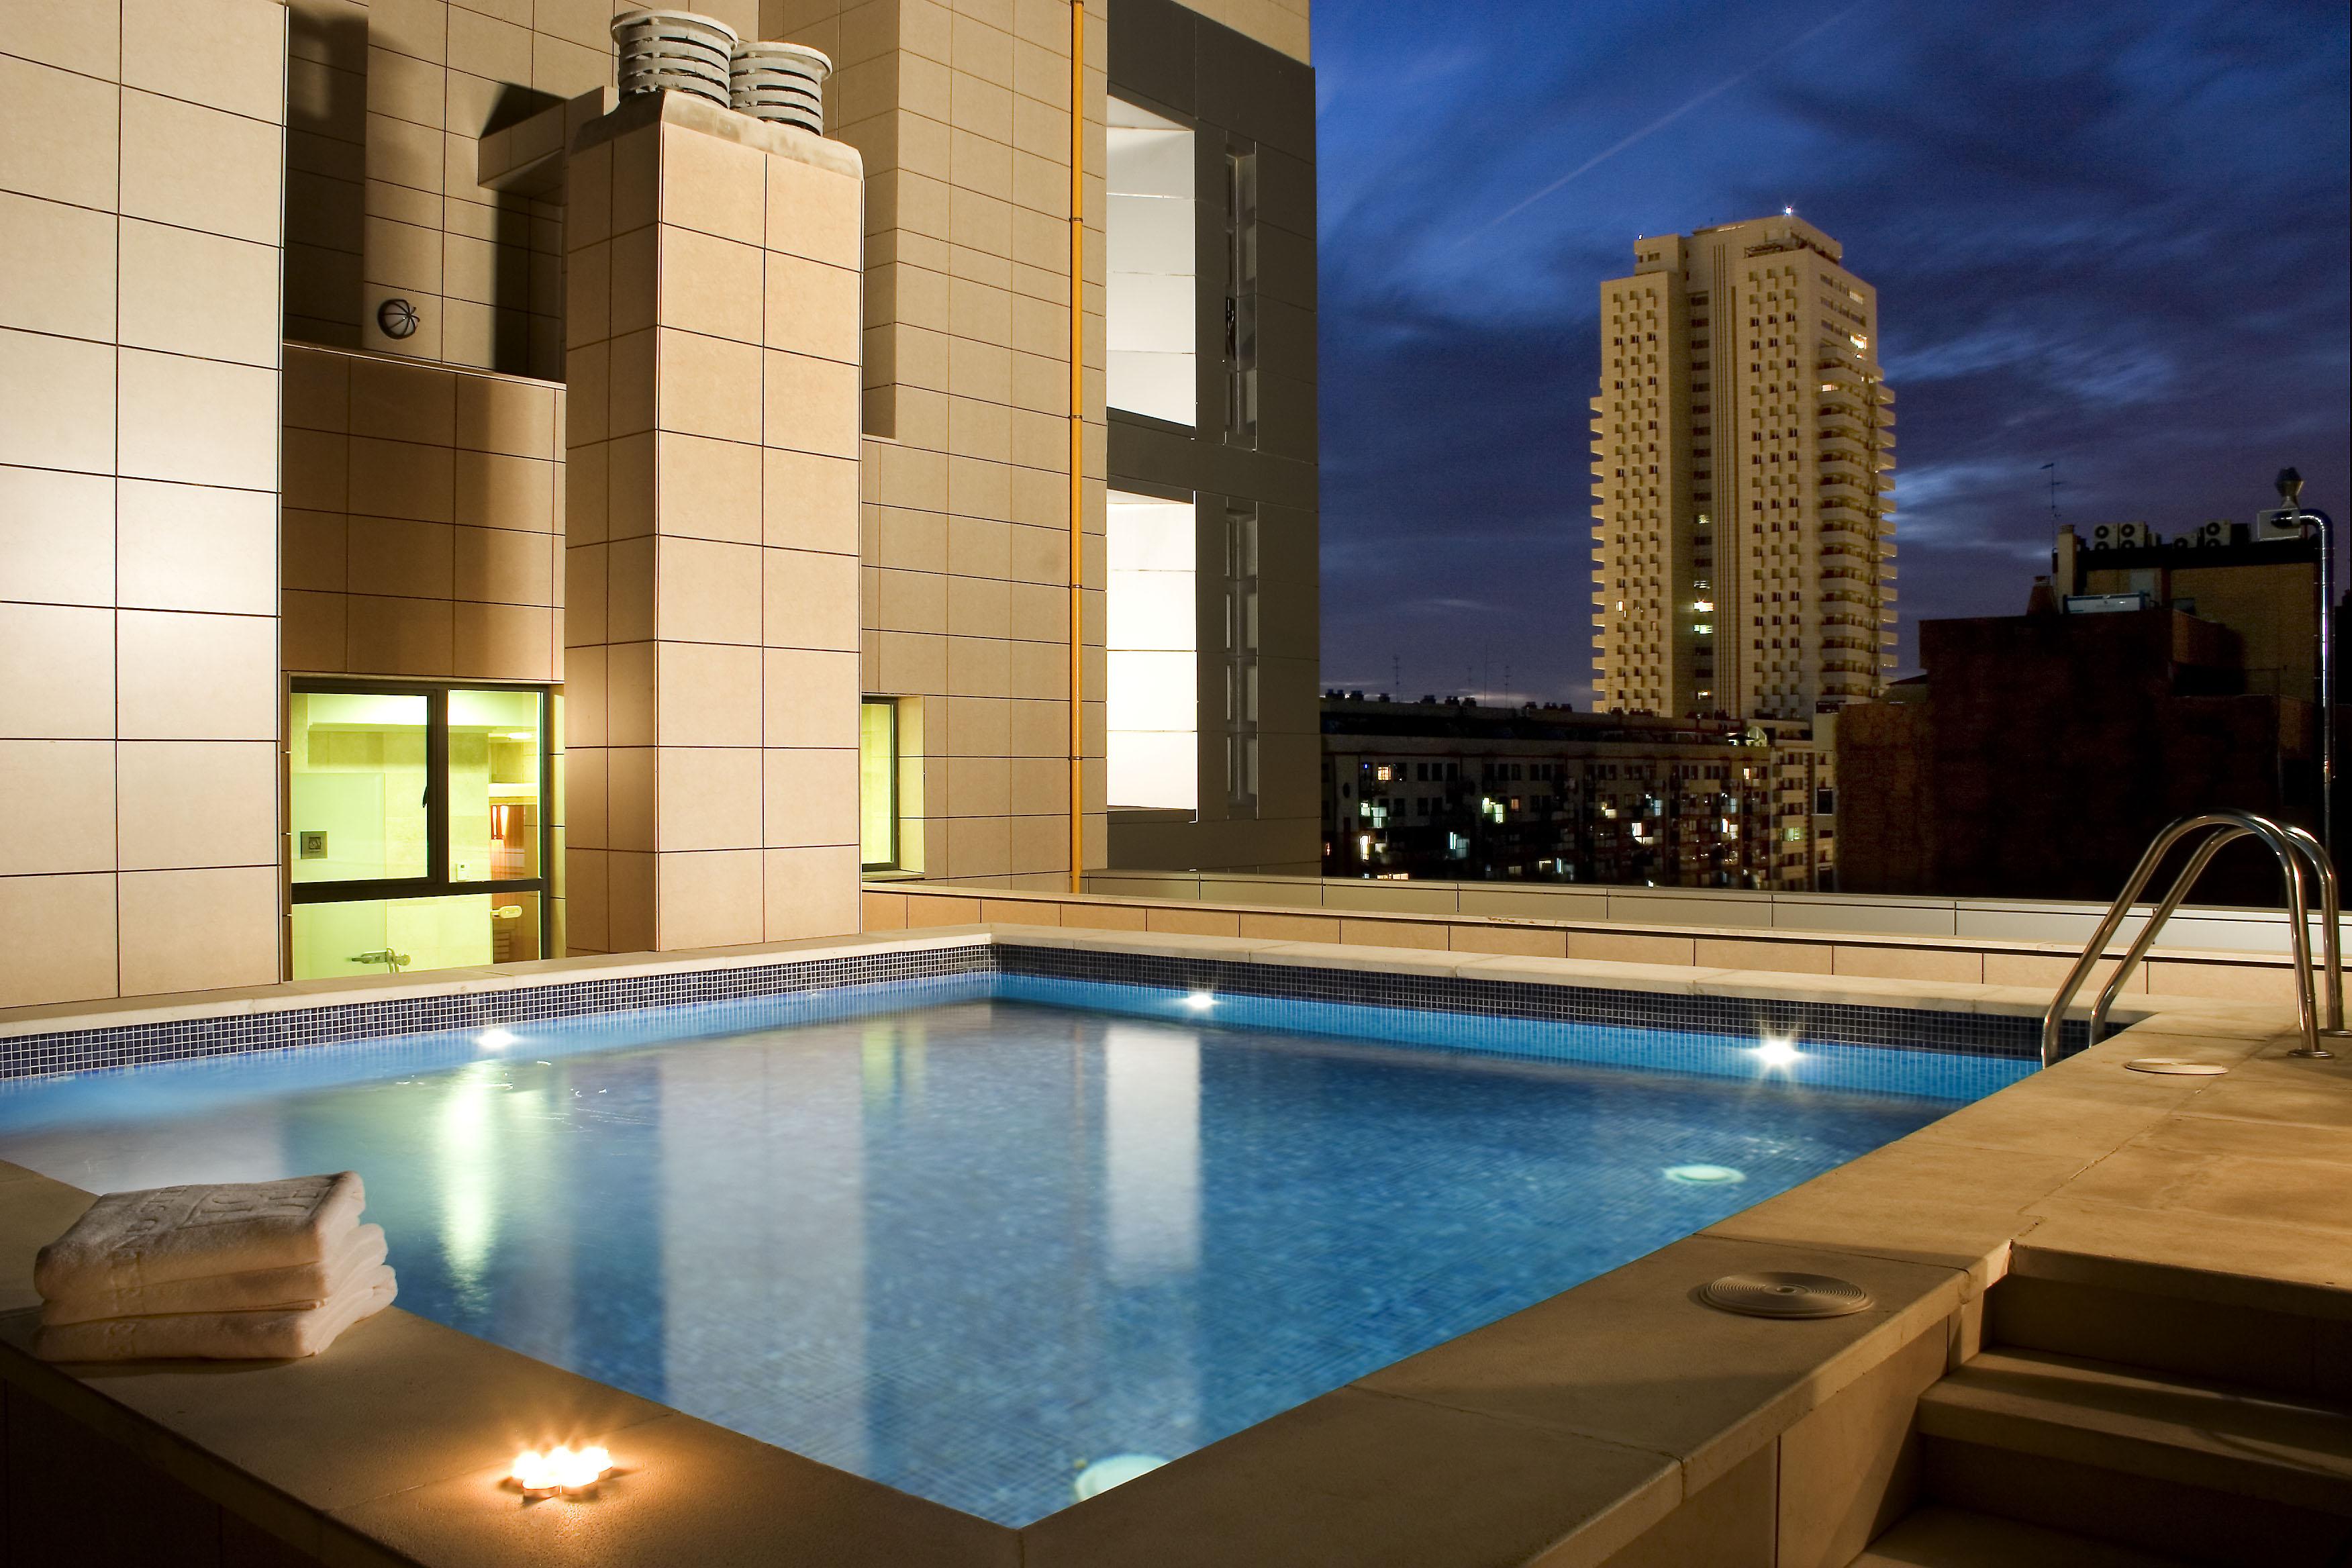 Hoteles center ofrece un espectacular recorrido por sus for Hoteles en valencia con piscina